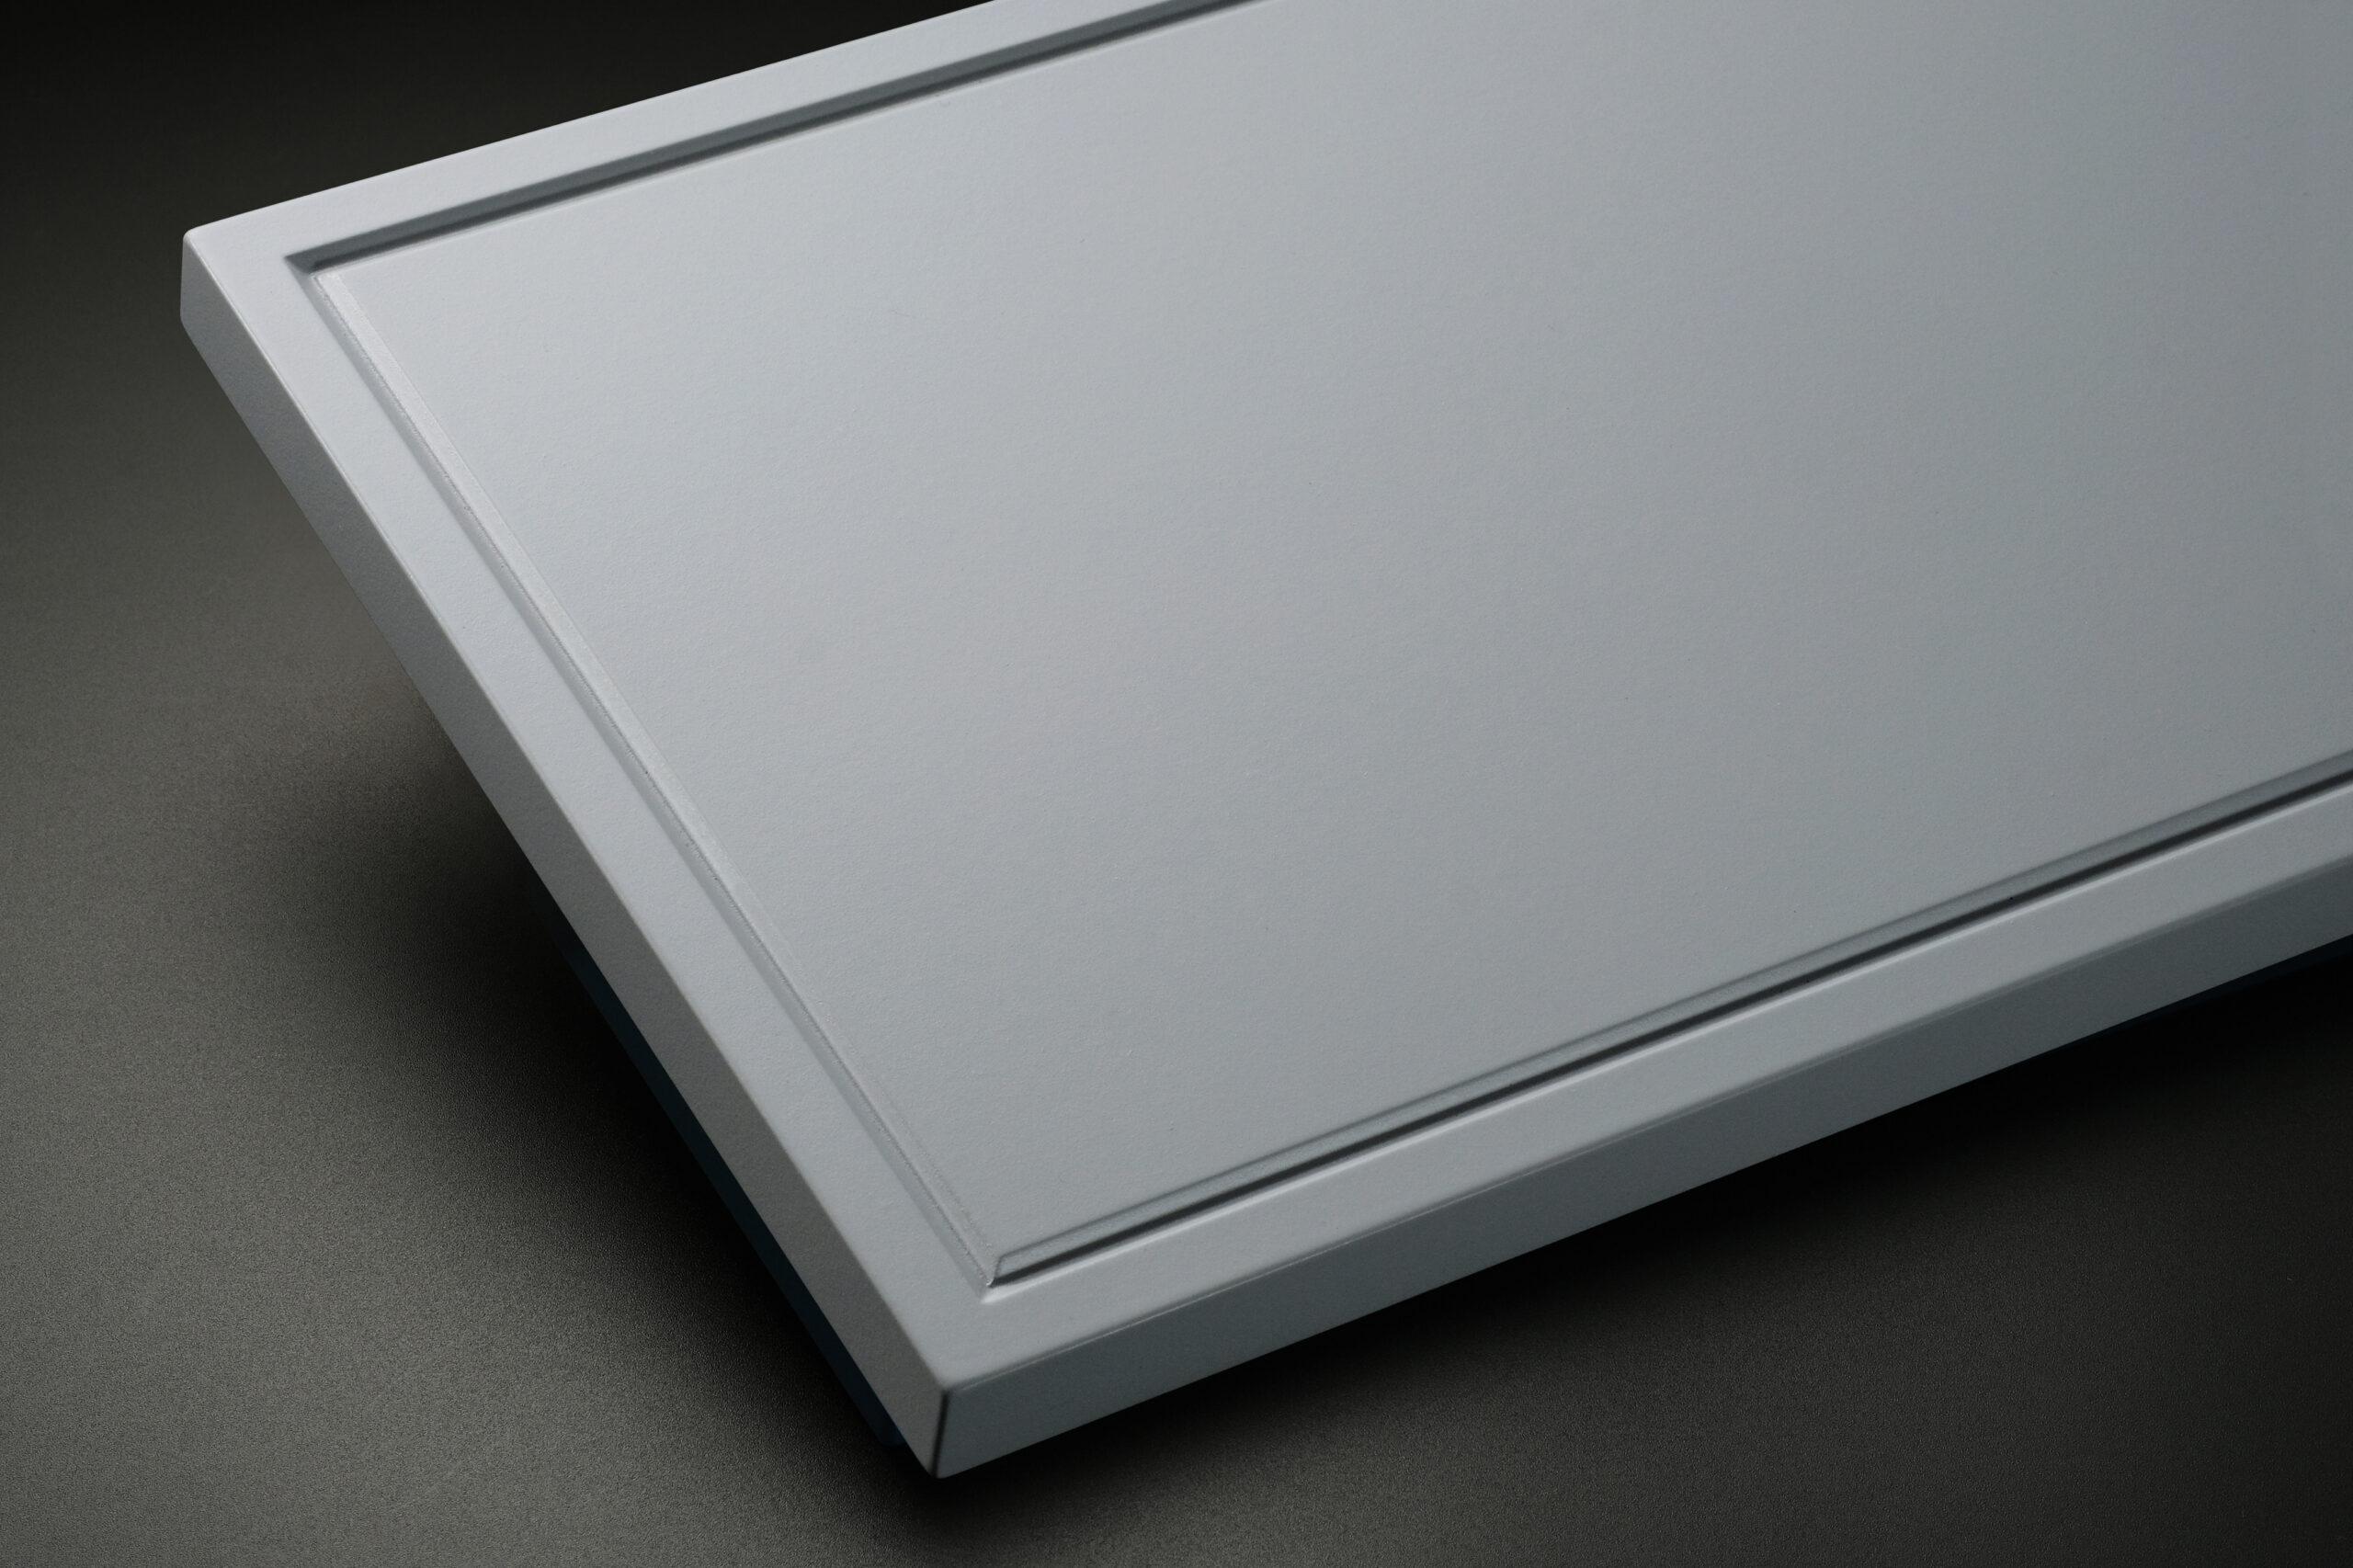 106細框MA新形状框扉をラインナップに追加